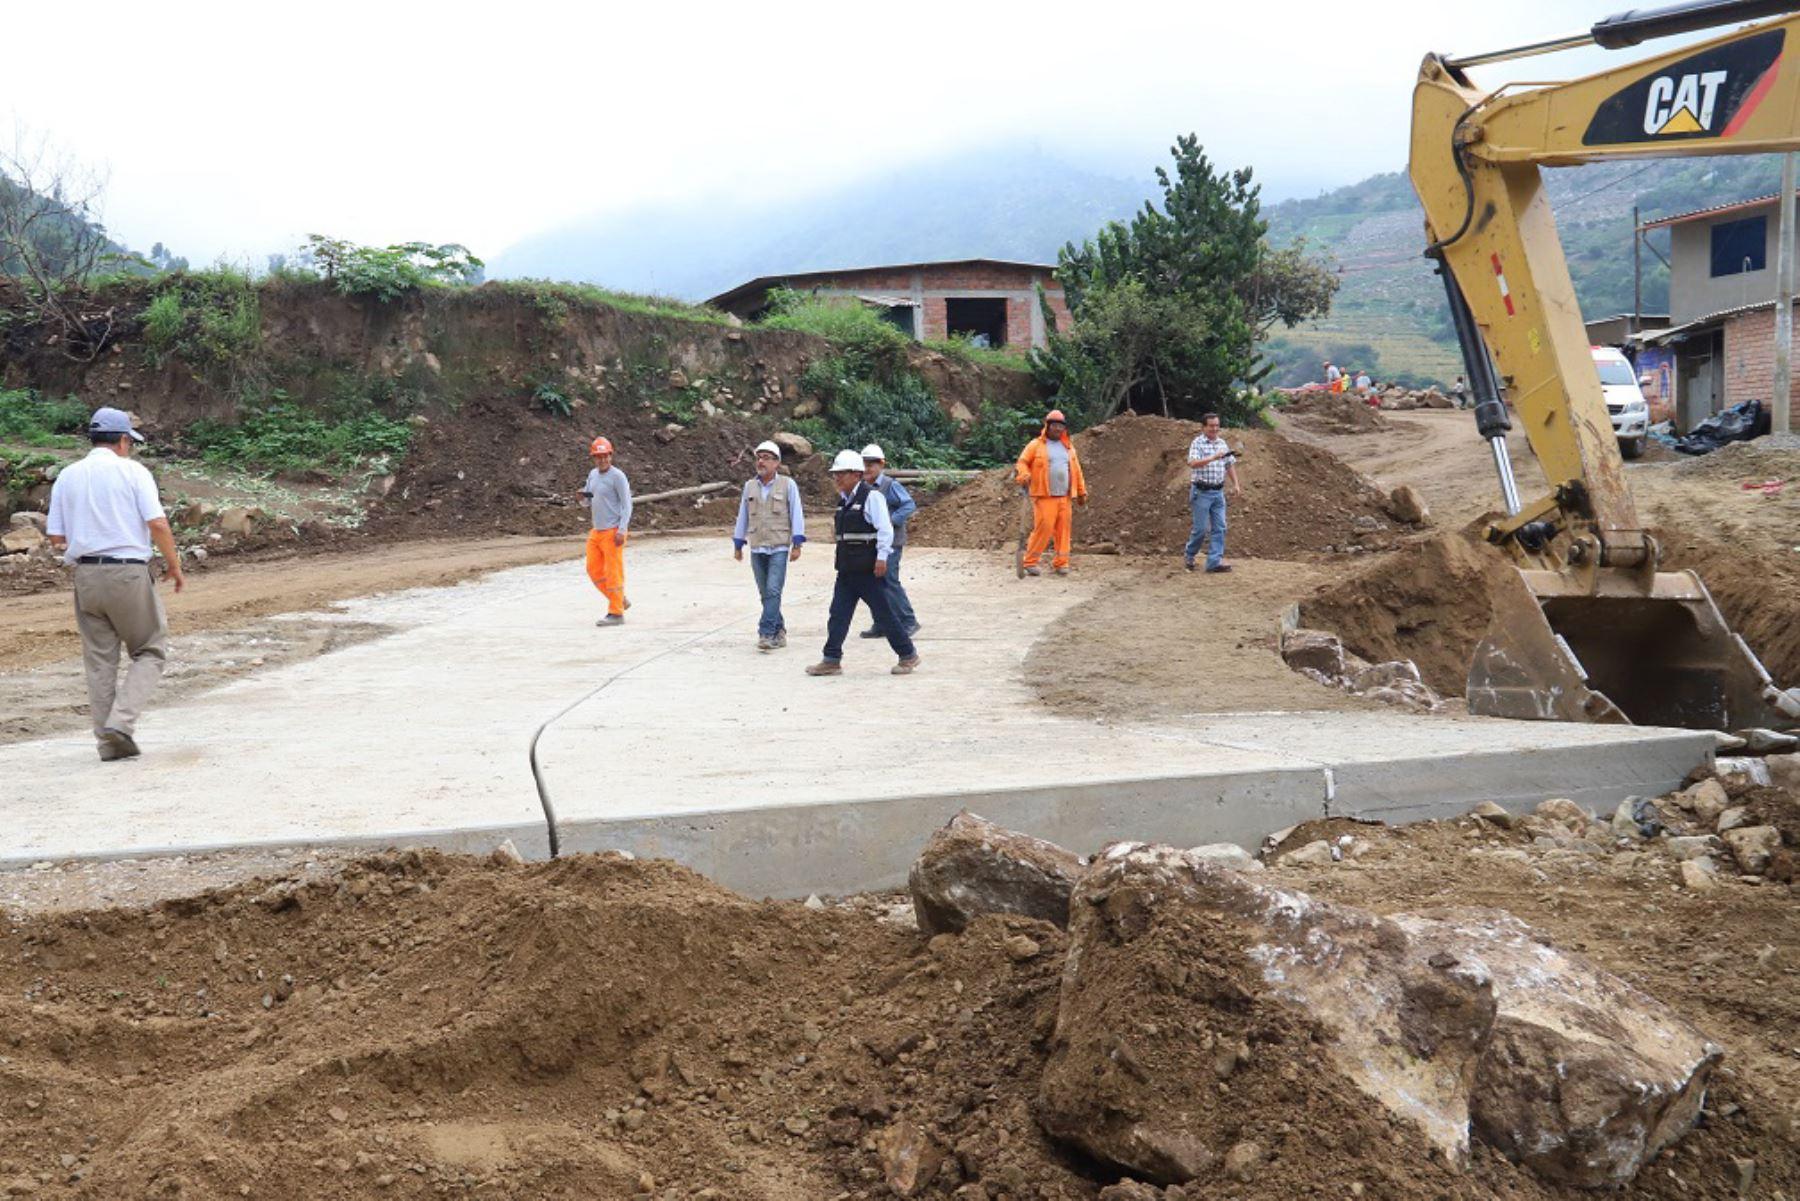 Gobierno transfiere S/ 48.2 millones para obras de saneamiento, caminos, colegios, entre otros proyectos de reconstrucción con cambios. ANDINA/Difusión